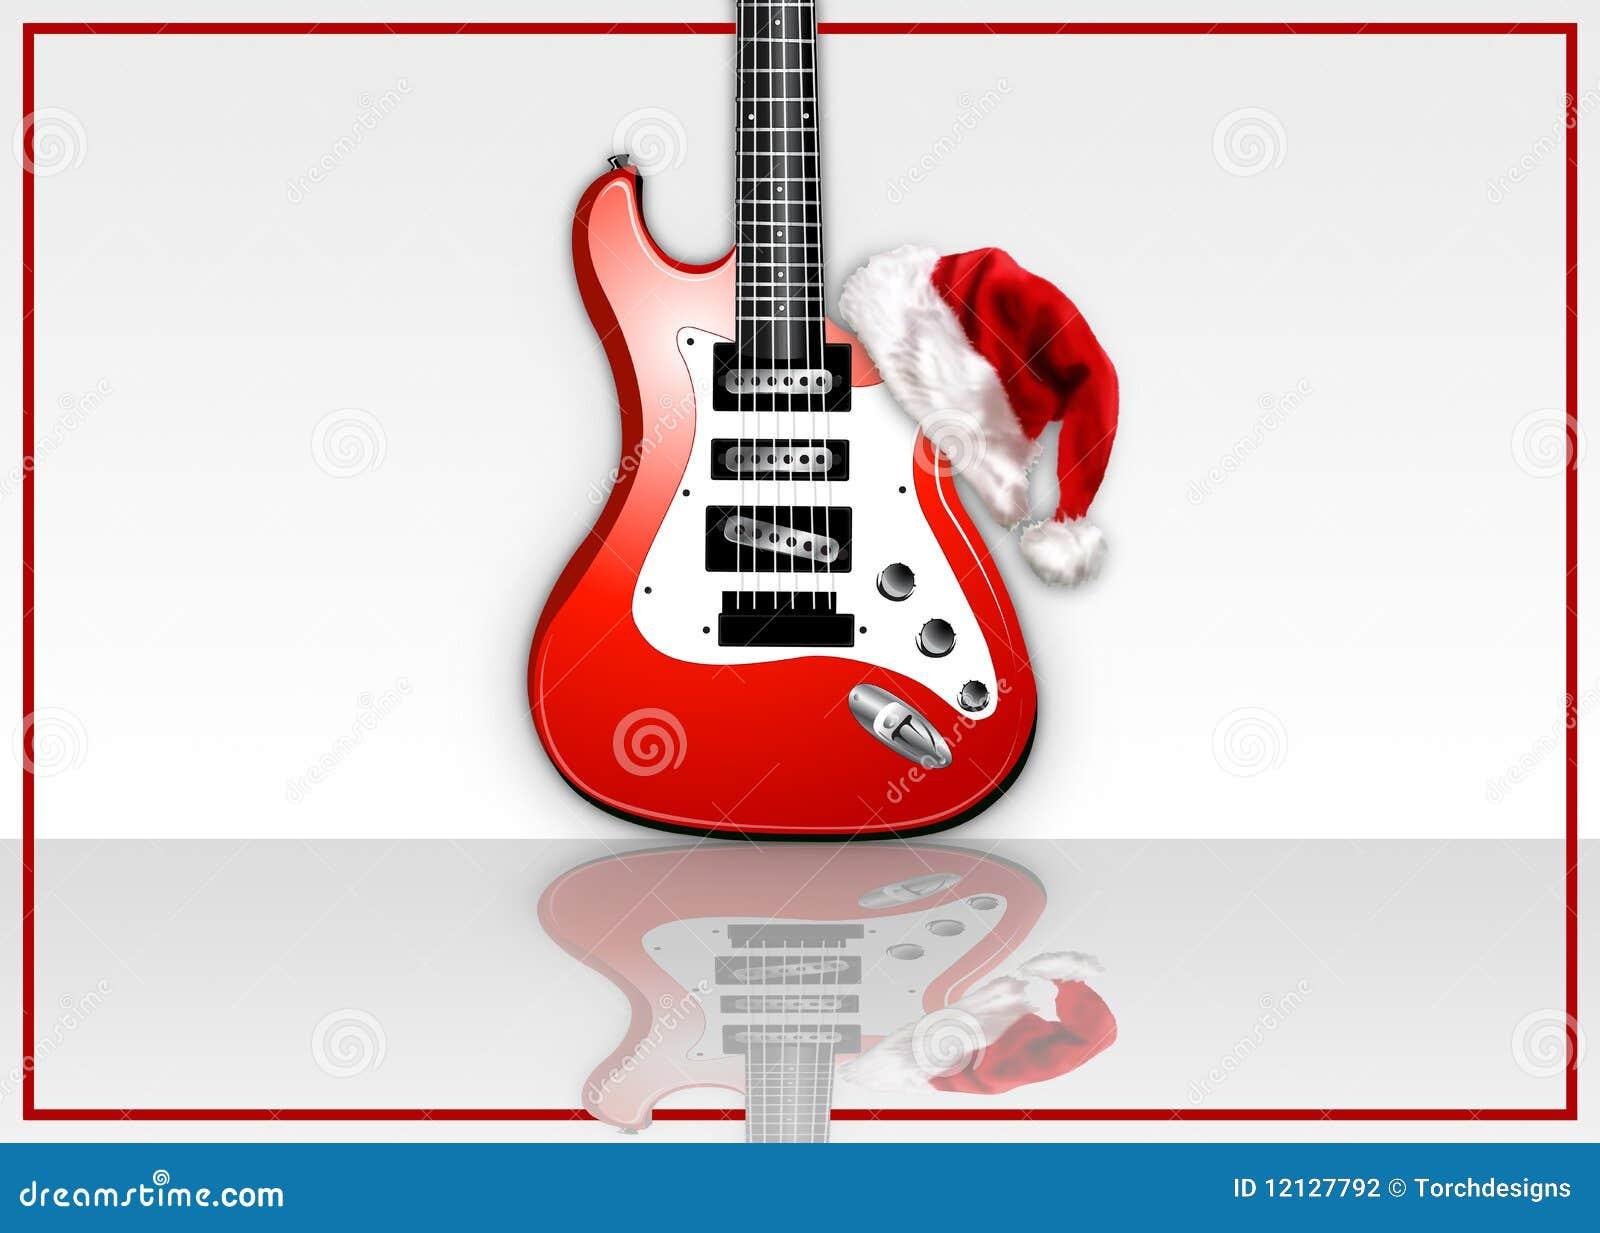 Weihnachtsfelsen-Gitarre stock abbildung. Illustration von ...